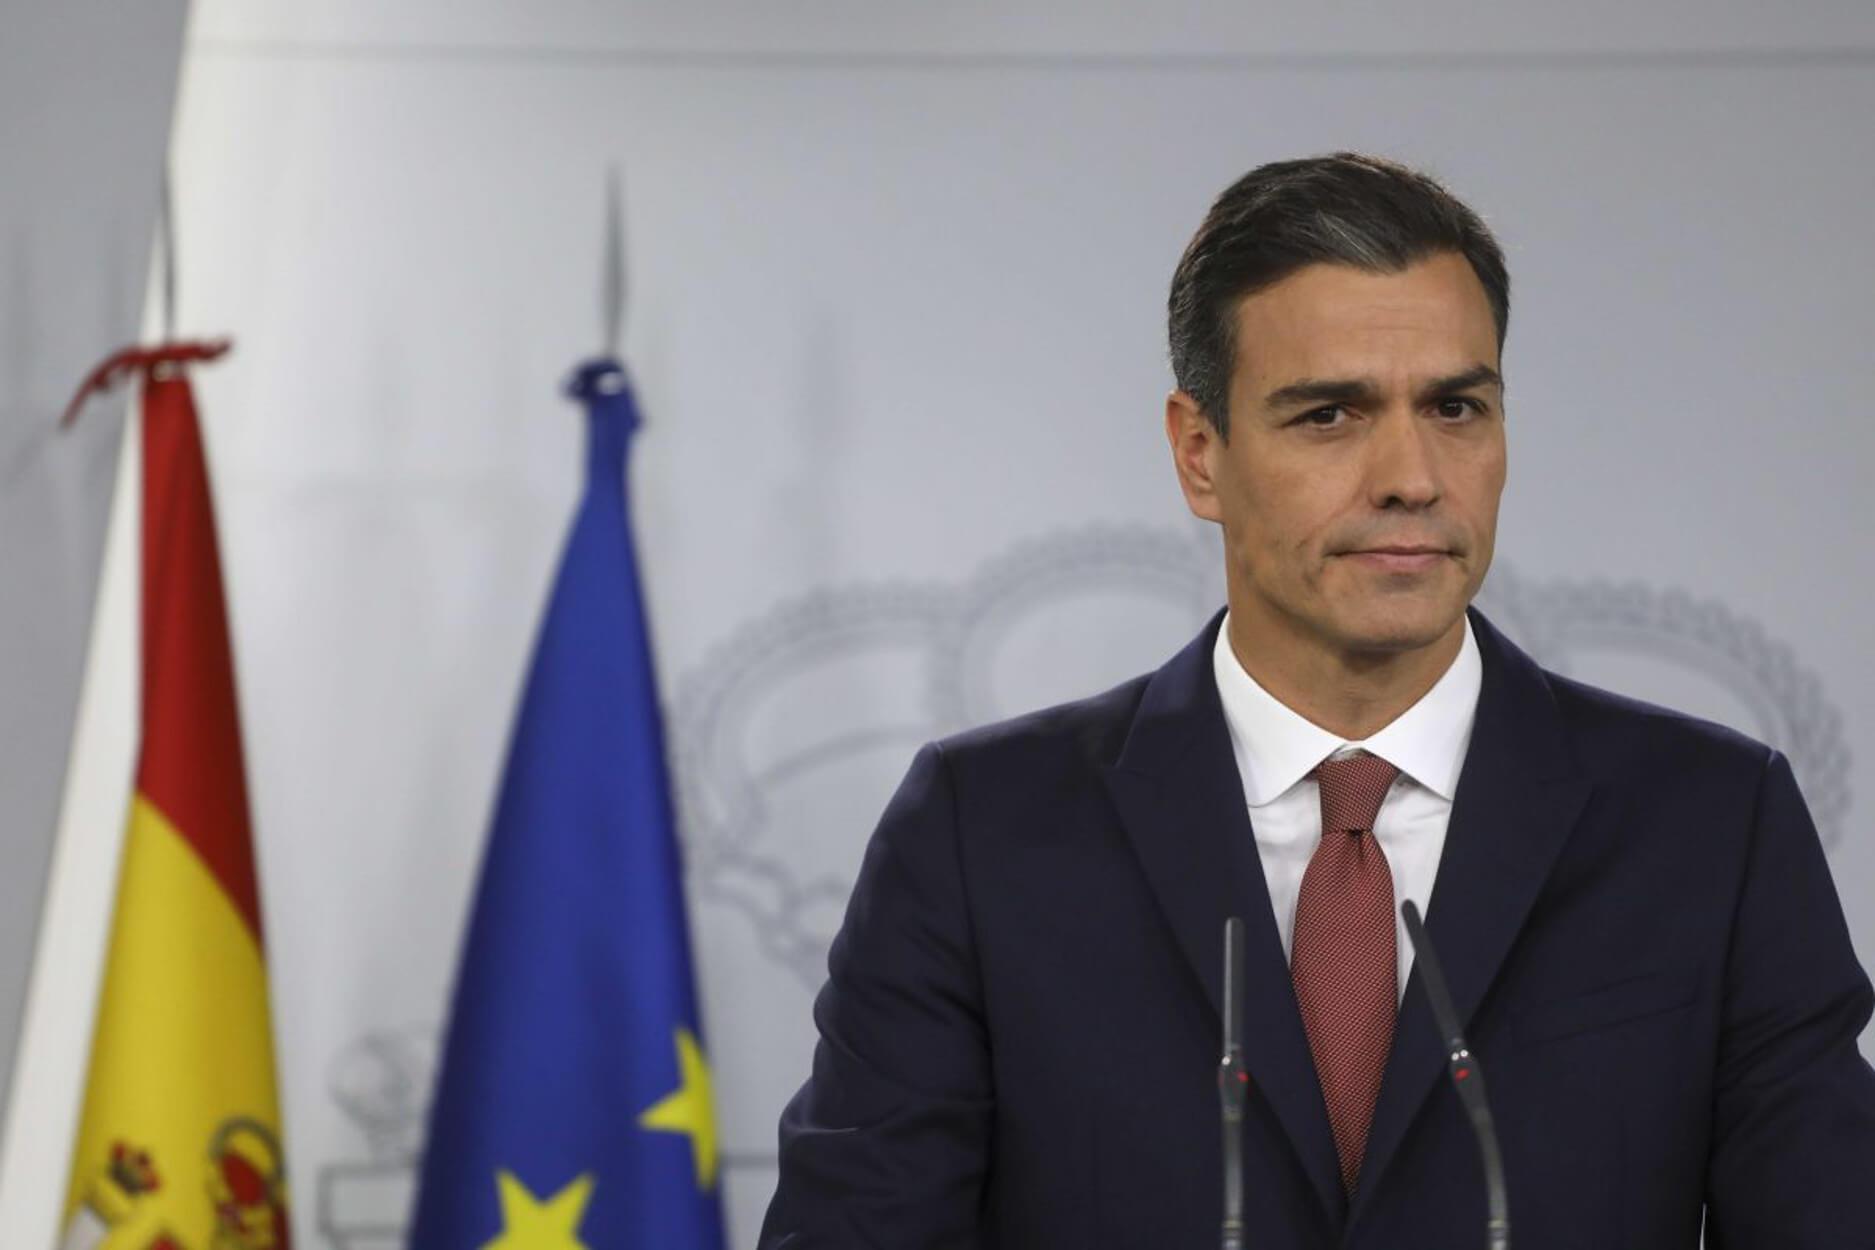 Ισπανία: Δεν αποκλείει συνεργασία με τους φιλελεύθερους ο Σάντσεθ